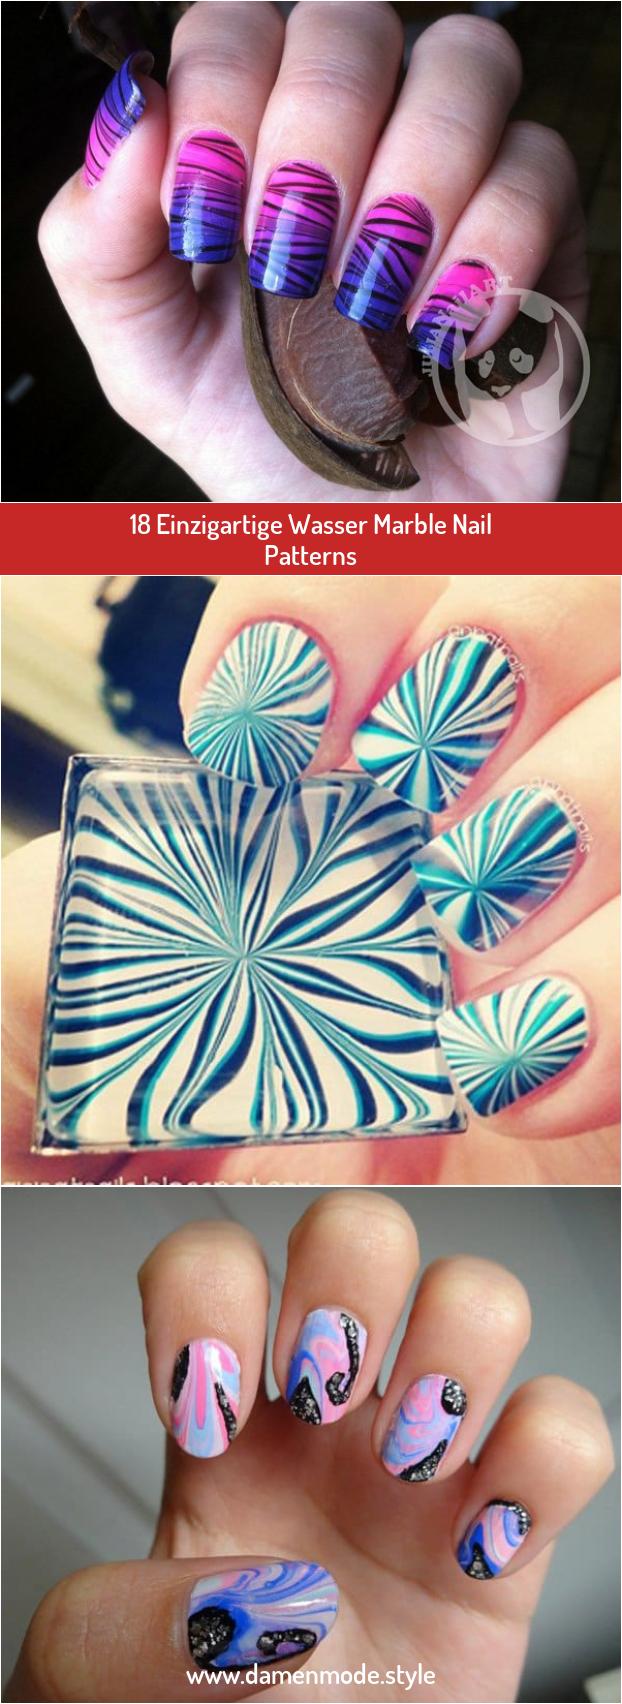 18 Einzigartige Wasser Marble Nail Patterns In 2020 Nagellack Im Wasser Einzigartig Nagellack